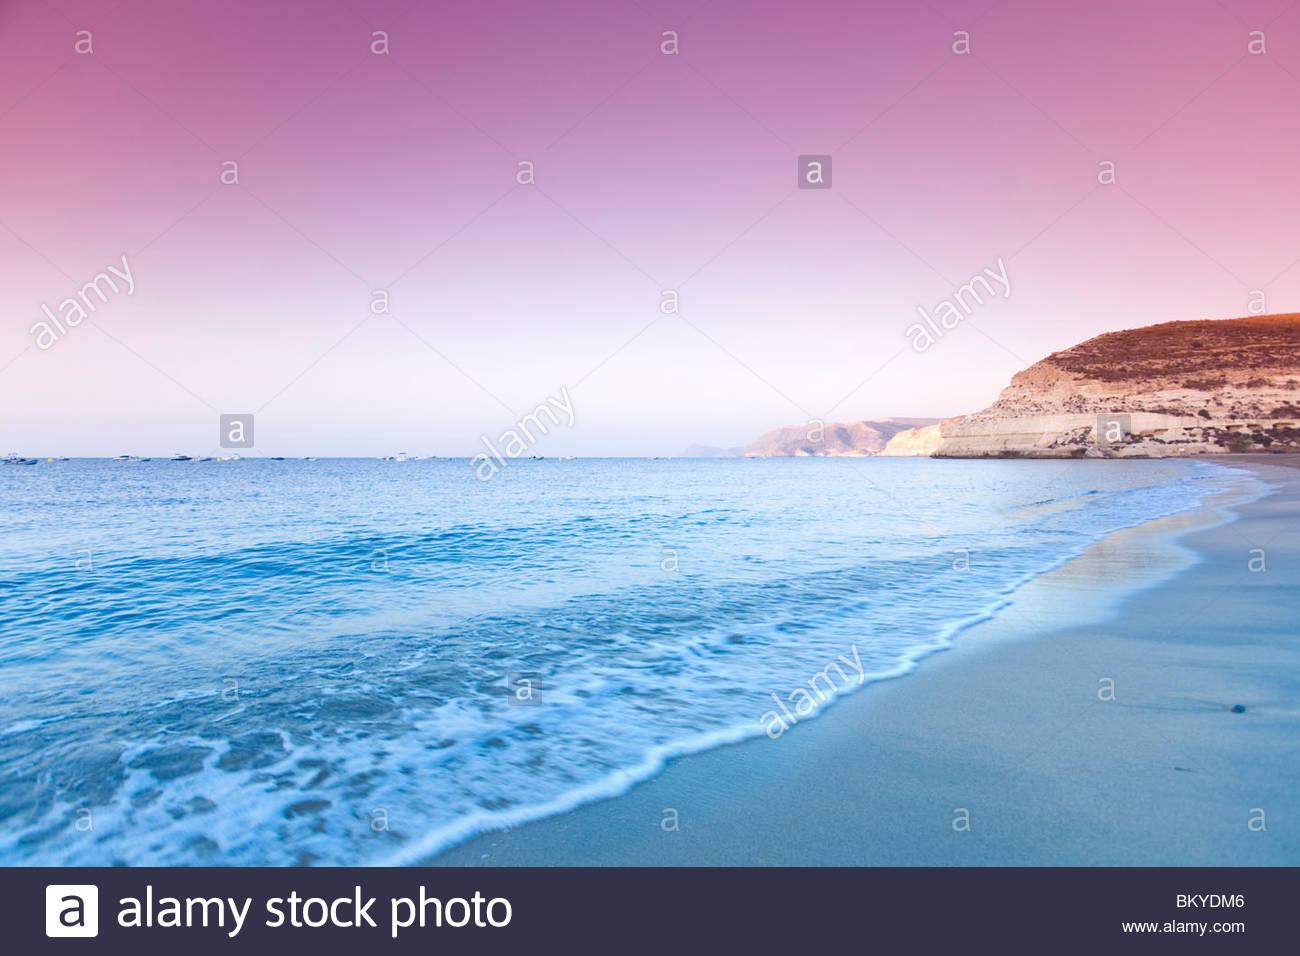 Agua Amarga beach nella luce della sera, Parco Nazionale Cabo de Gata, provincia di Almeria, Andalusia, Spagna Immagini Stock